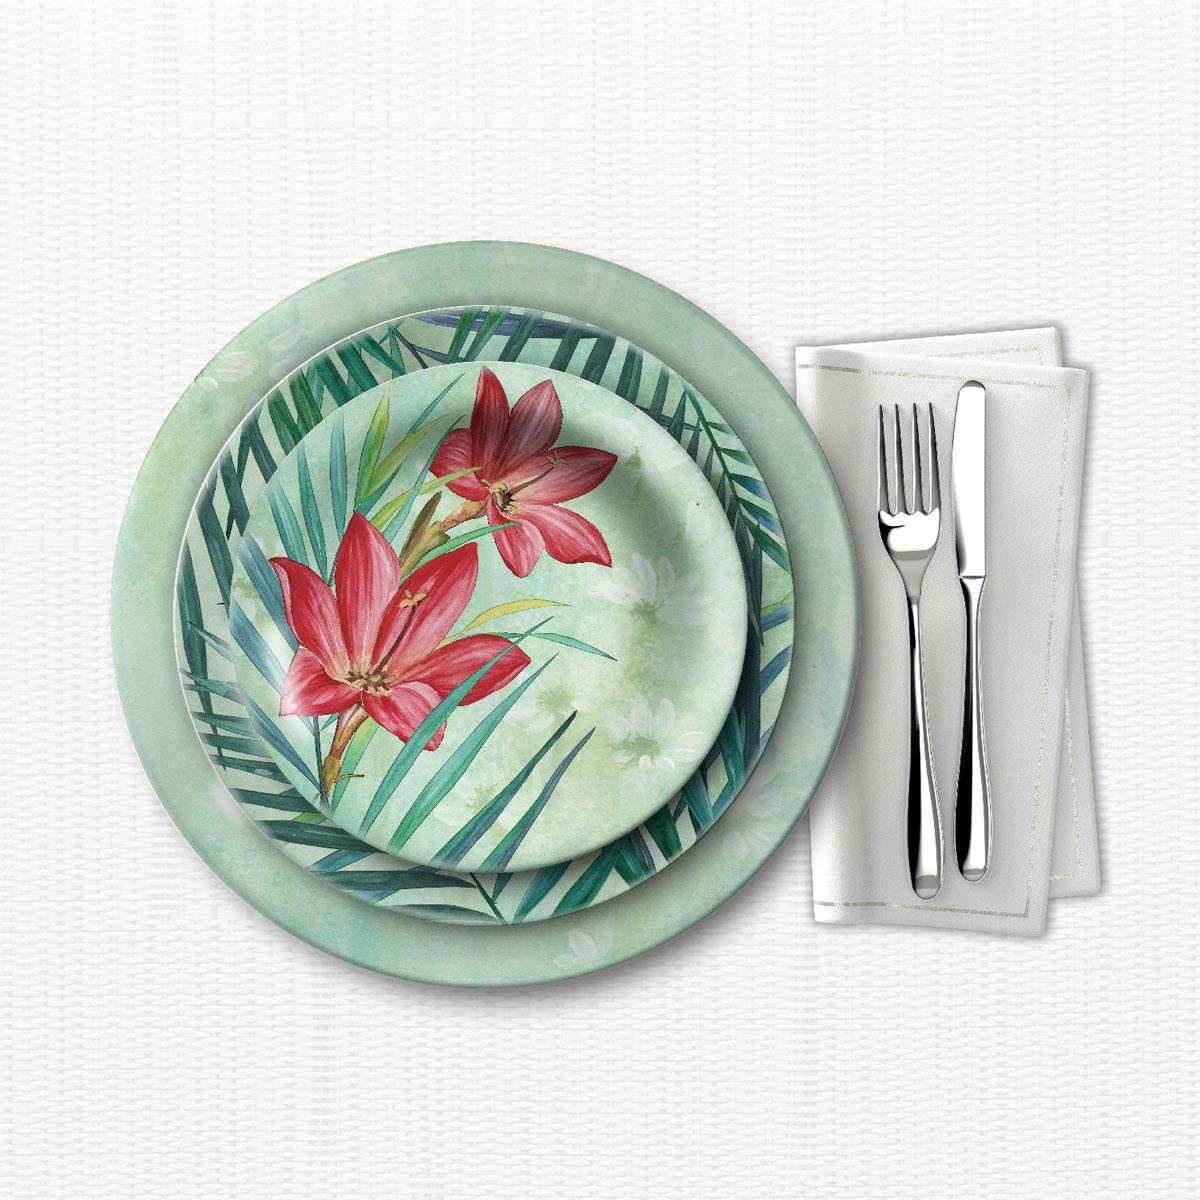 decorazioni piatti oggettistica silvia tassoni